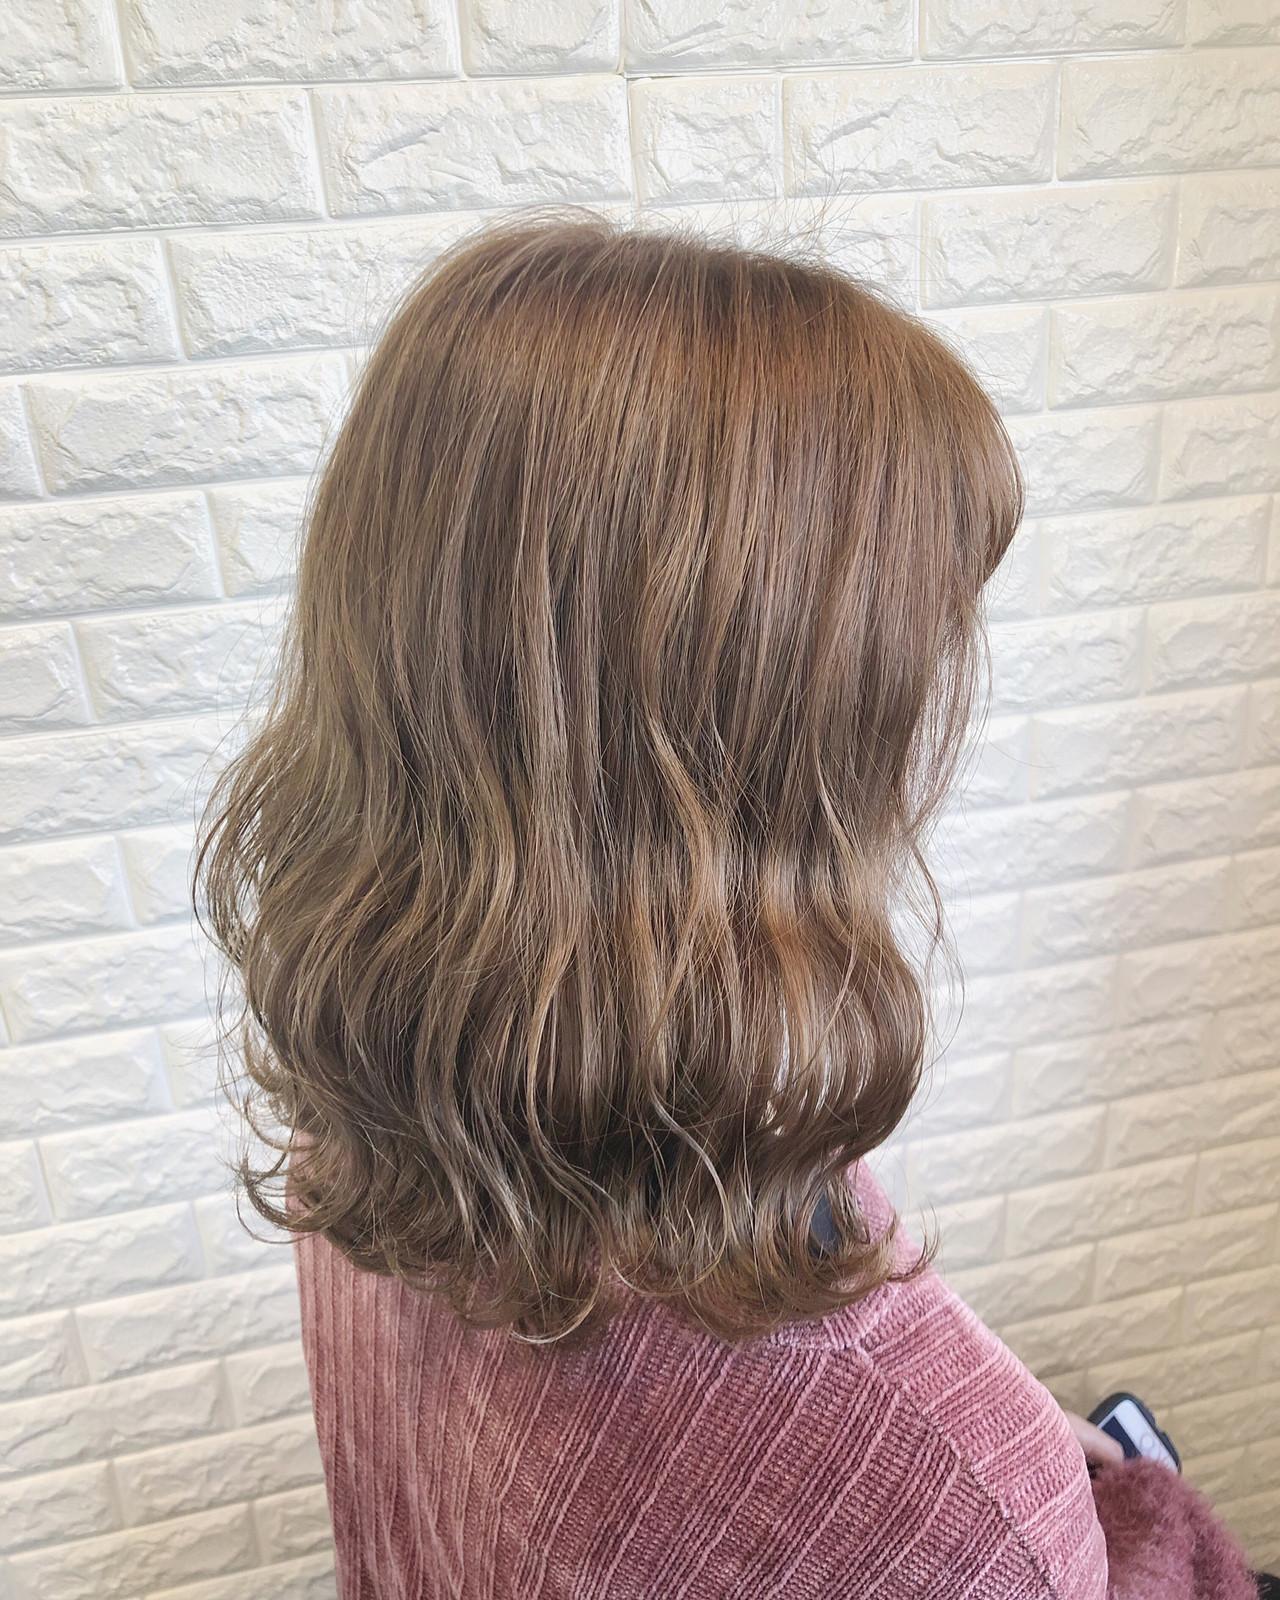 ミルクティーベージュ ミディアム イルミナカラー ナチュラル ヘアスタイルや髪型の写真・画像